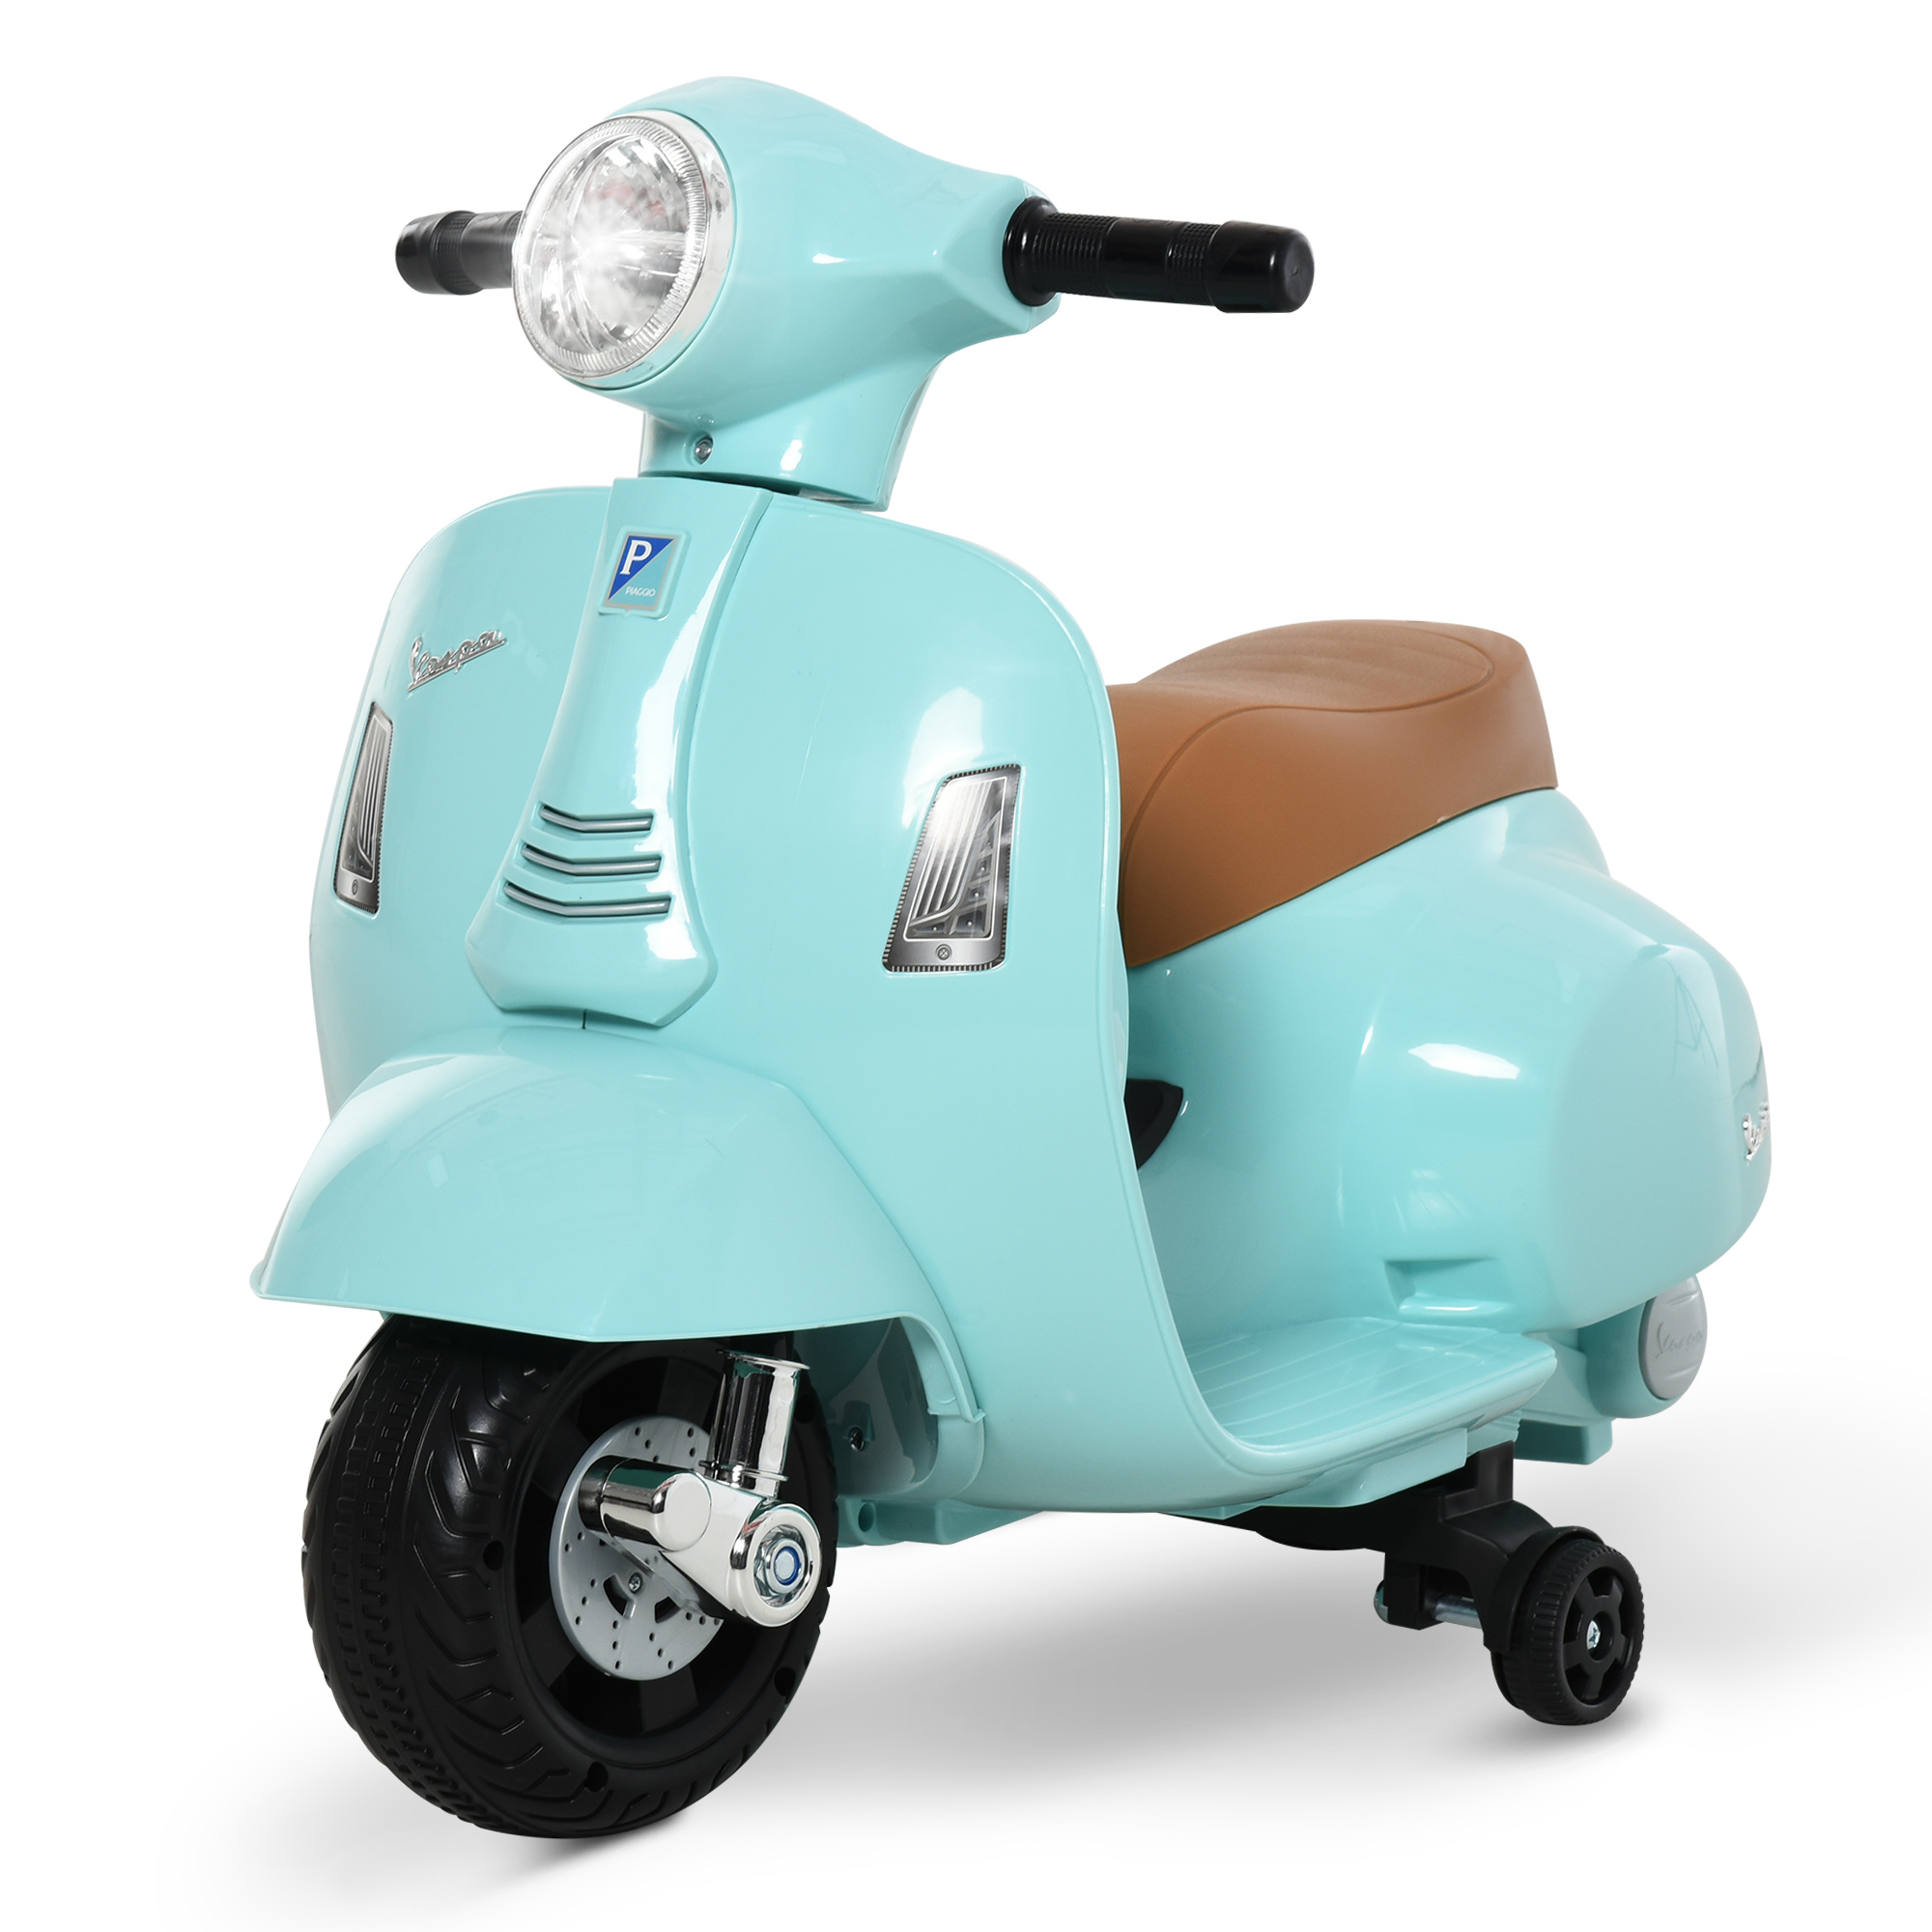 miniatura 18 - Moto Eléctrica Vespa para Niños +18 Meses con Faro Bocina y 4 Ruedas COLOR